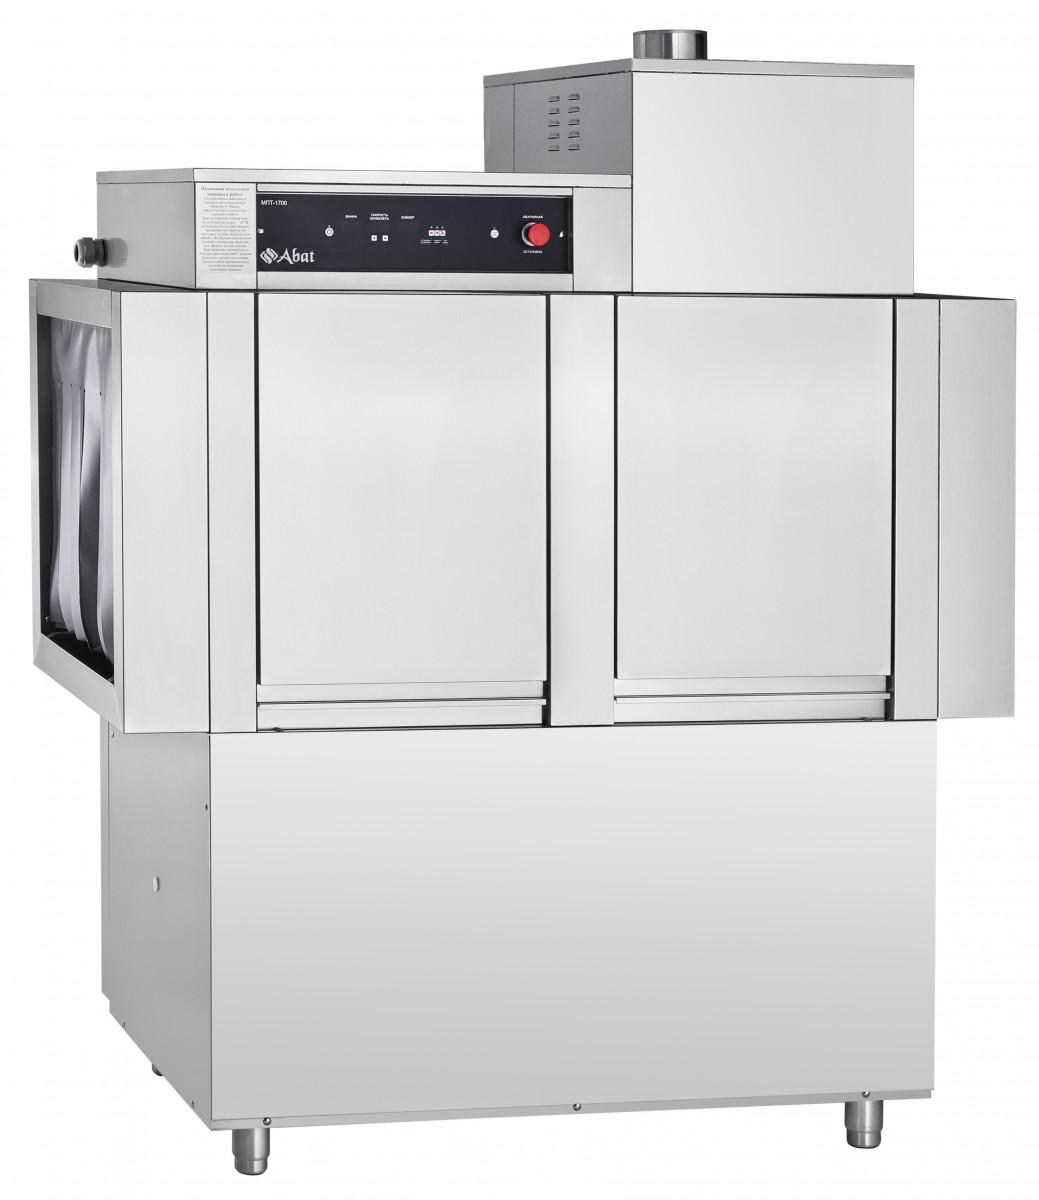 Abat МПТ-1700-01